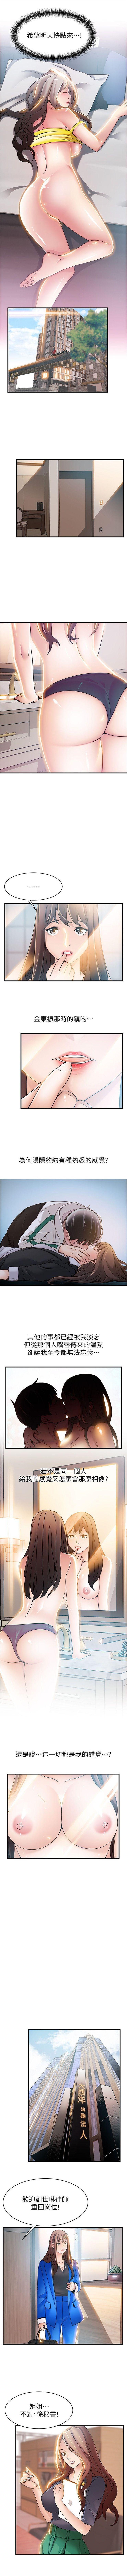 (週7)弱點 1-76 中文翻譯(更新中) 143